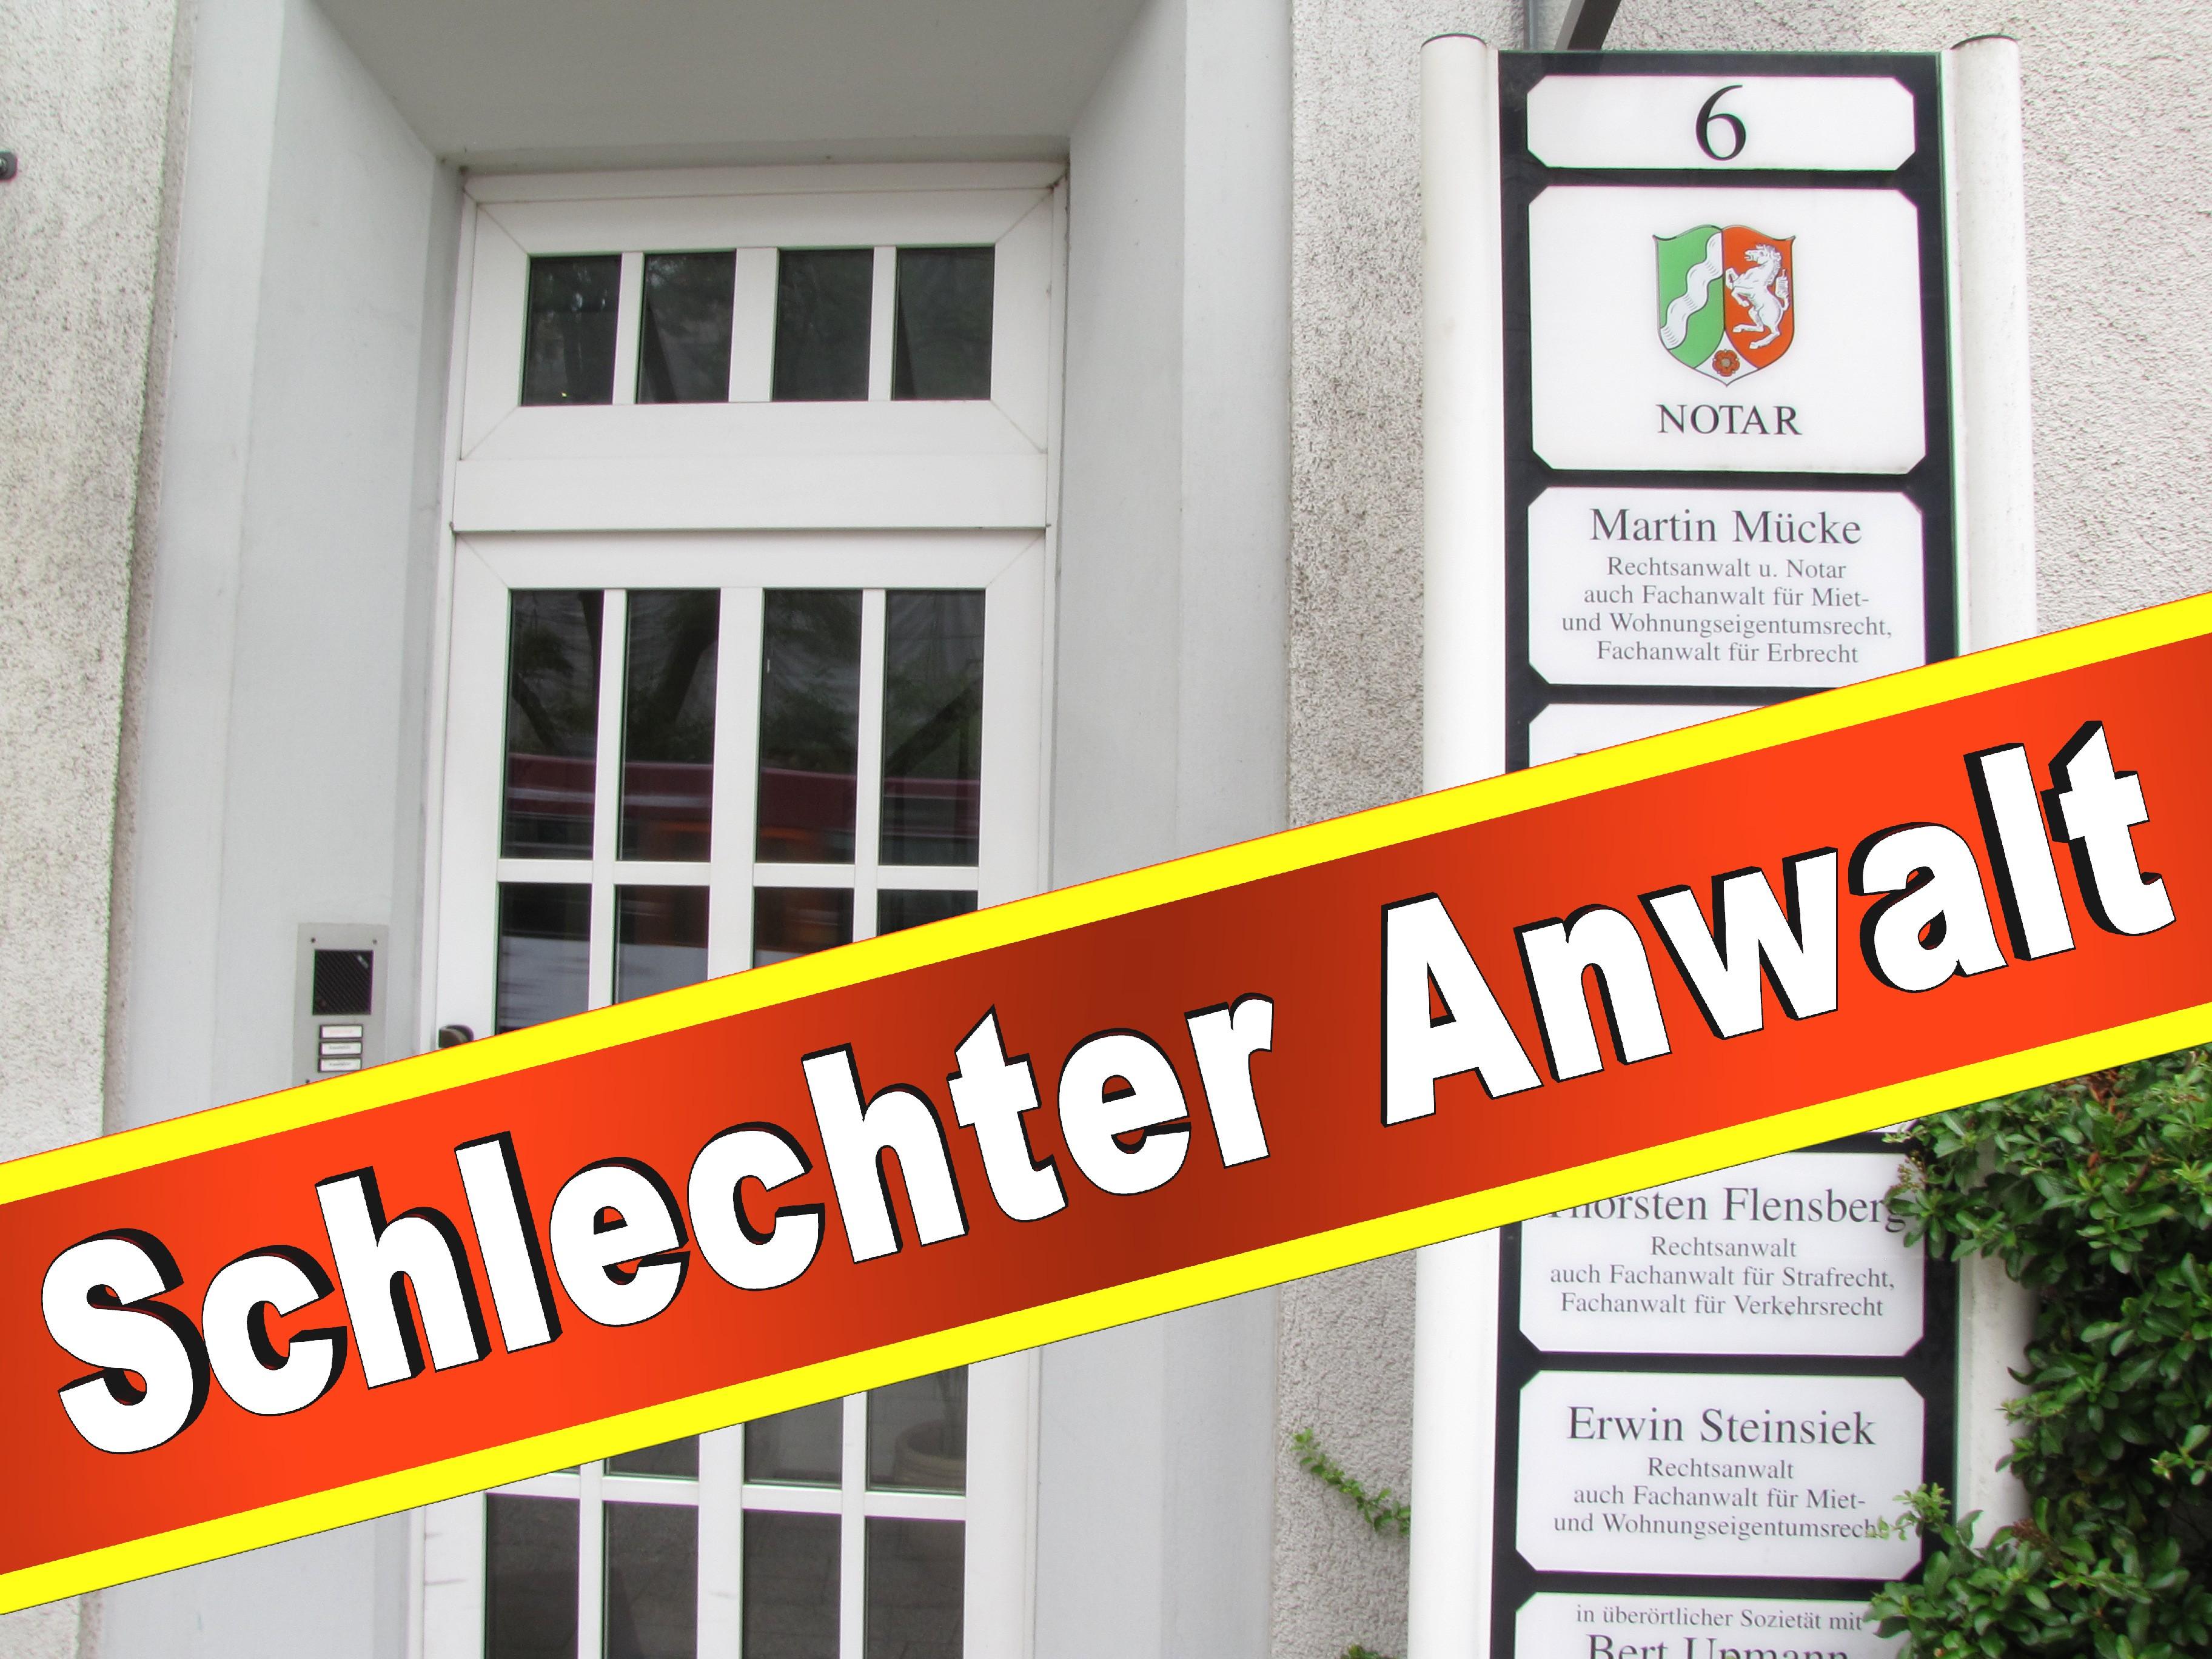 Rechtsanwalt Martin Mücke Bielefeld Maug Und Mücke Kanzlei Rechtsanwaltskanzlei 9 Kopie (3)